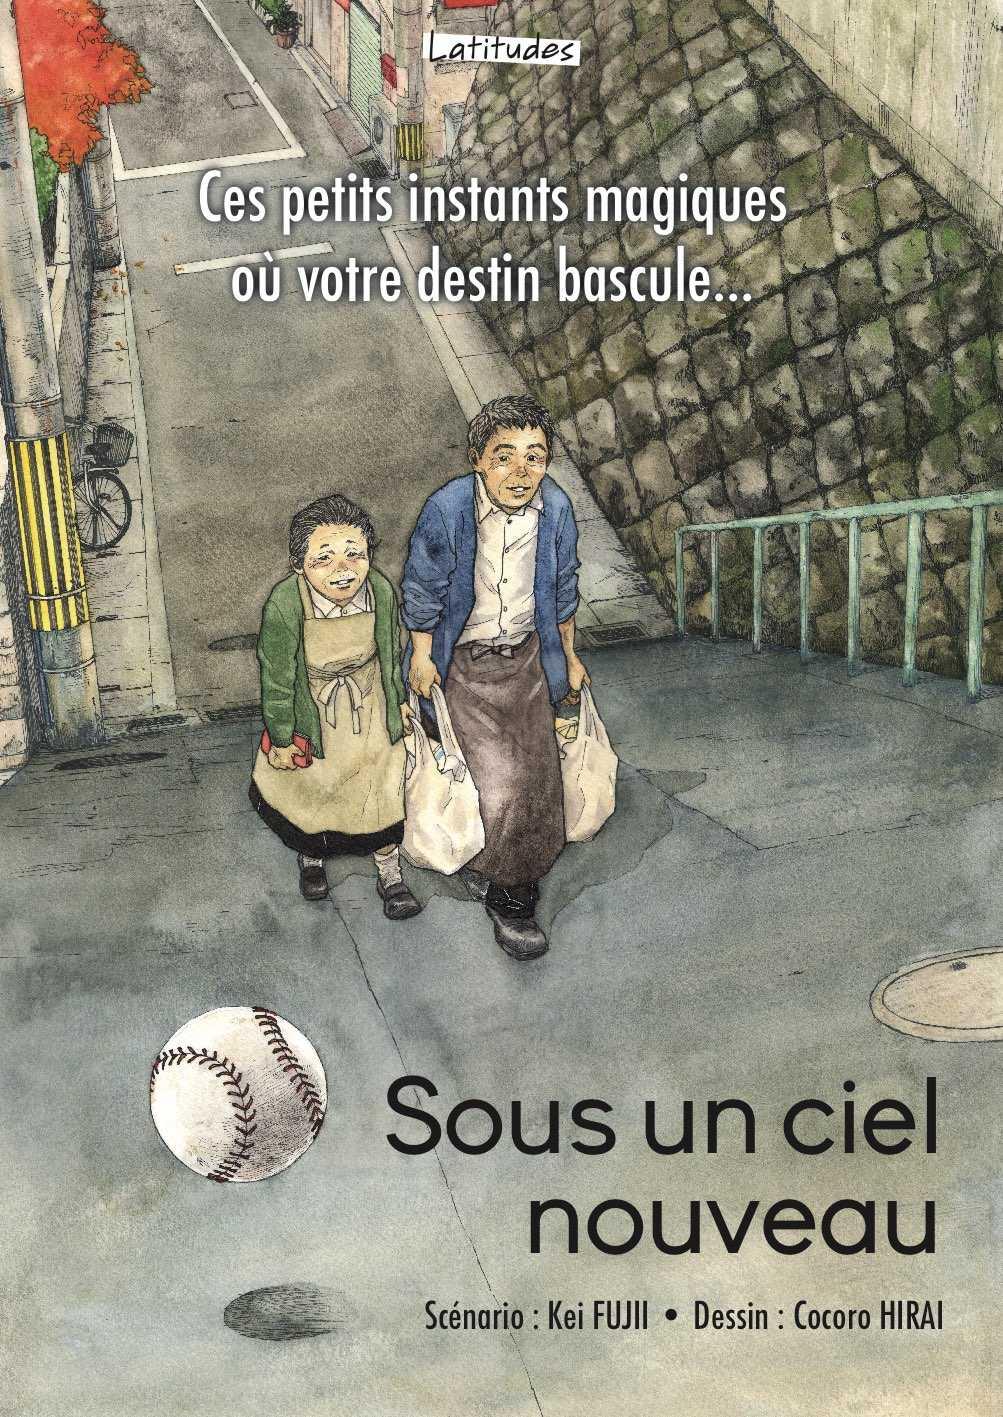 Prix Asie de la Critique ACBD 2018 à Sous un ciel nouveau de Kei Fujii et Cocoro Hirai